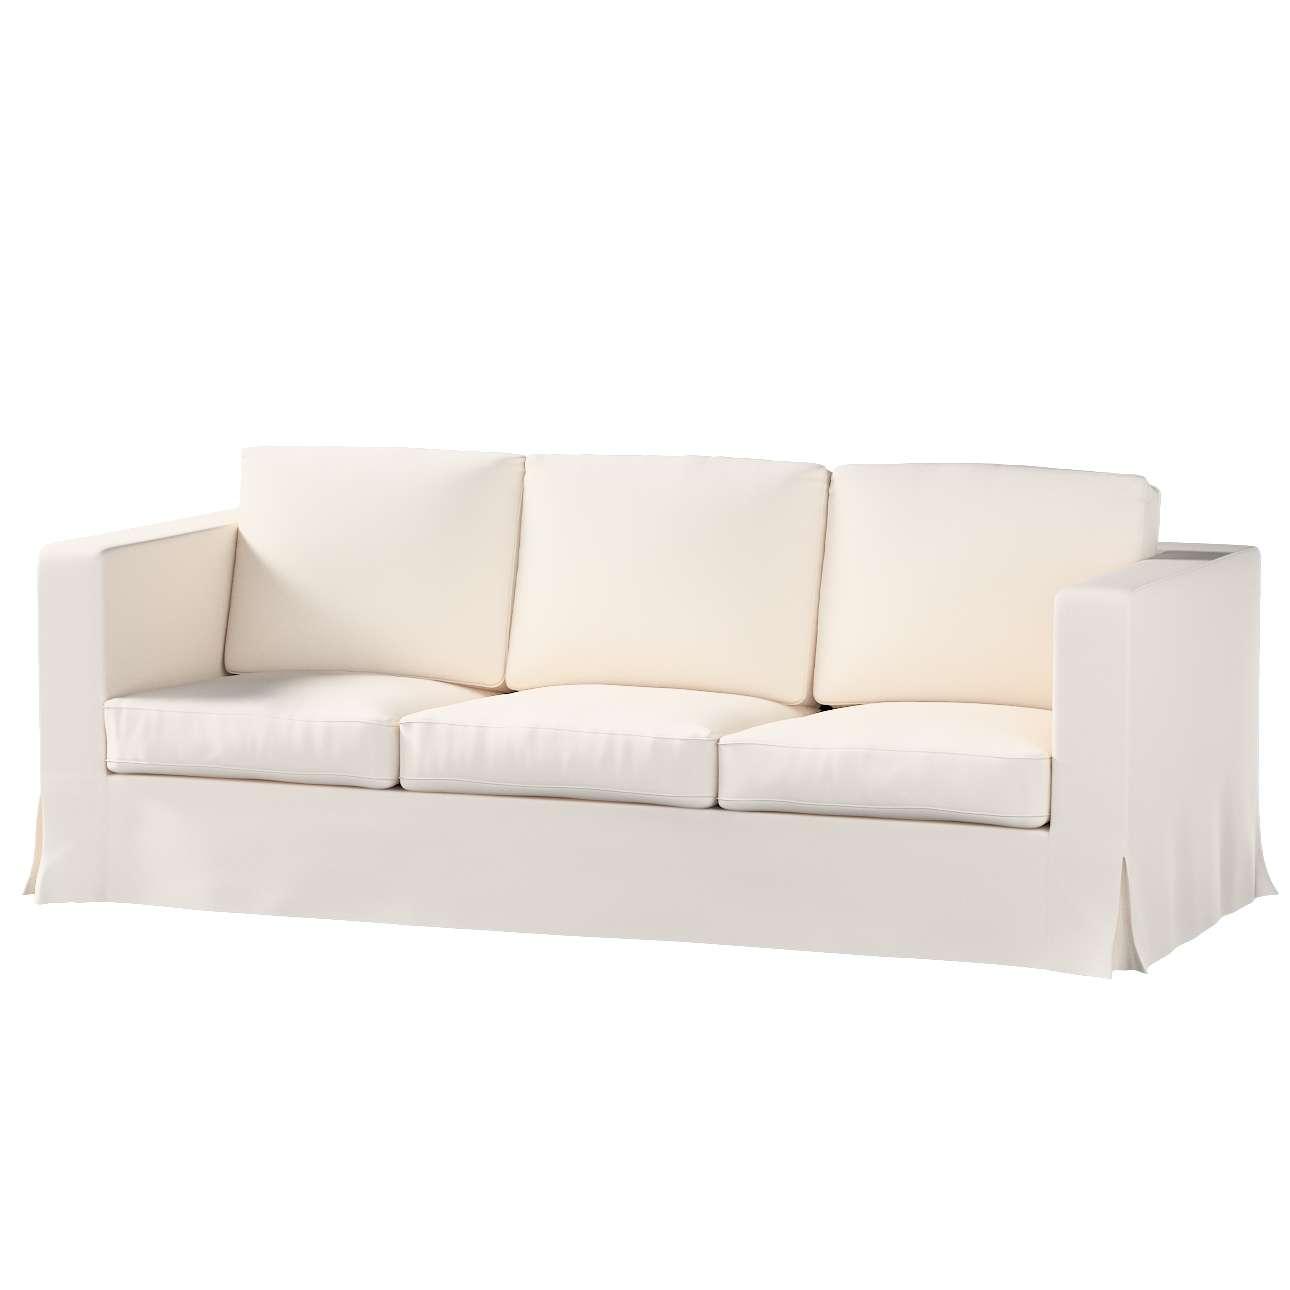 KARLANDA trivietės sofos iki žemės užvalkalas KARLANDA trivietės sofos iki žemės užvalkalas kolekcijoje Etna , audinys: 705-01